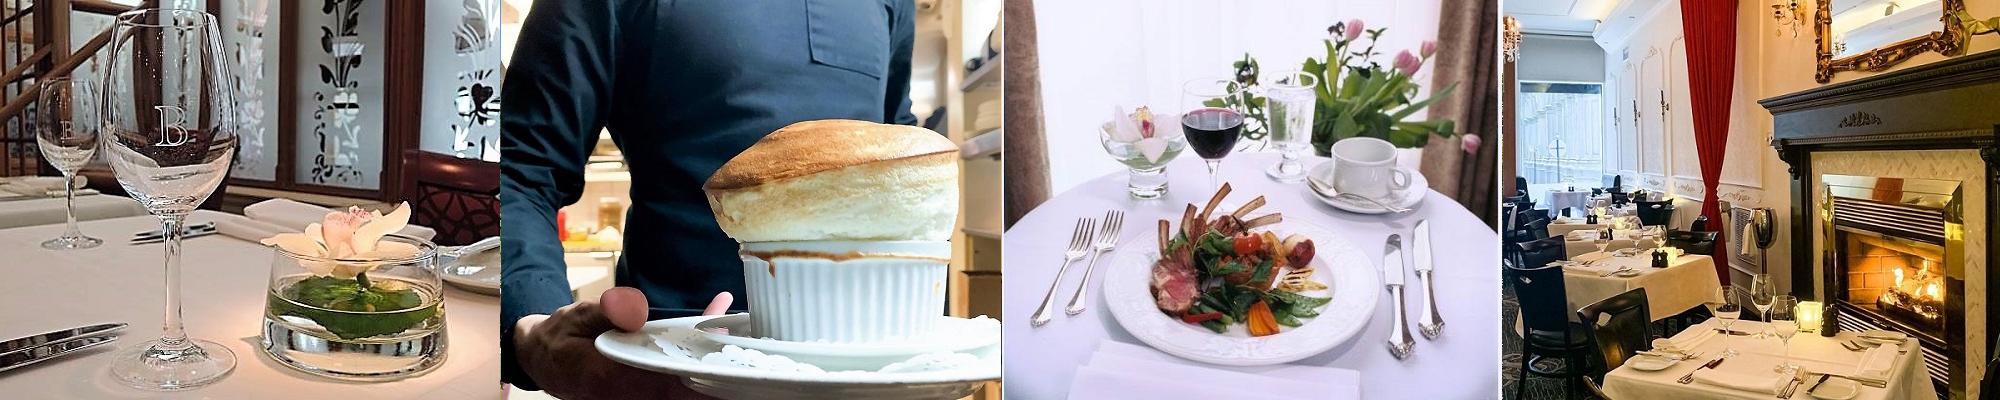 Bonaparte ,Montreal ,restaurant ,gastronomique ,grandes tables ,carte des vins ,Sélection Vindici ,œnotourisme ,oenotourisme ,terroir ,vins d'ici ,Sud du Québec ,